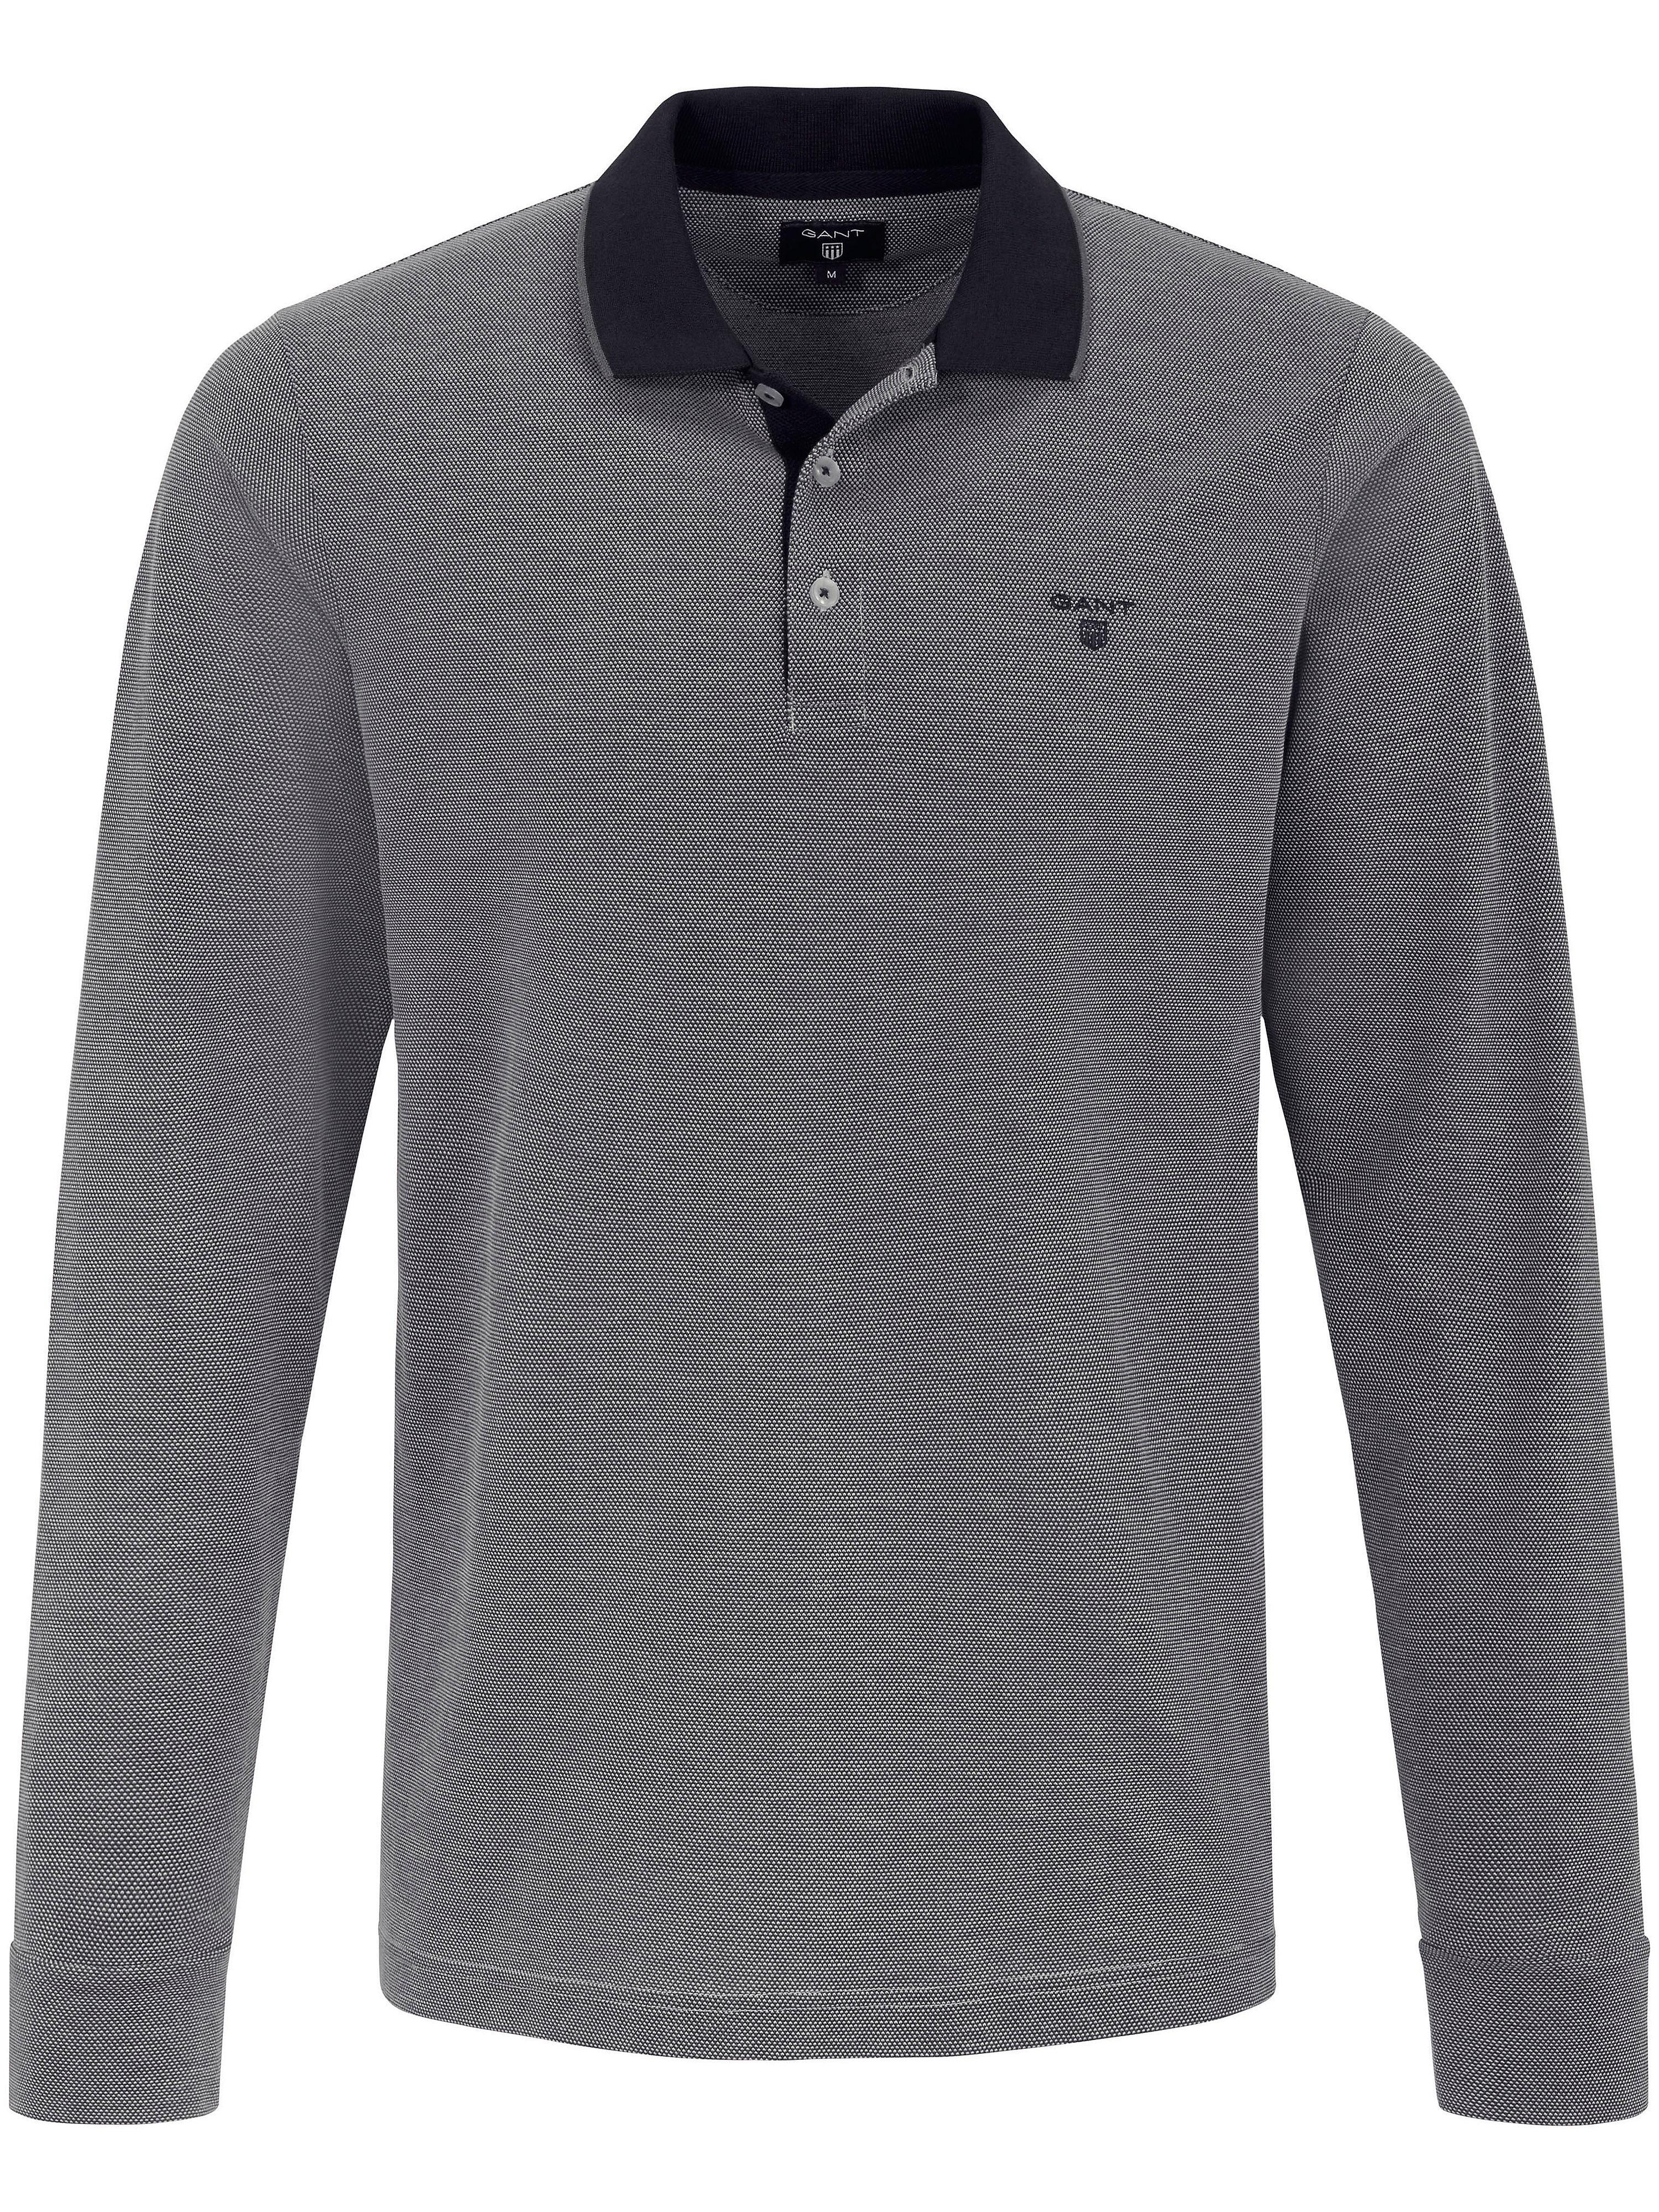 Image of   Poloshirt i sporty designerstil Fra GANT grå